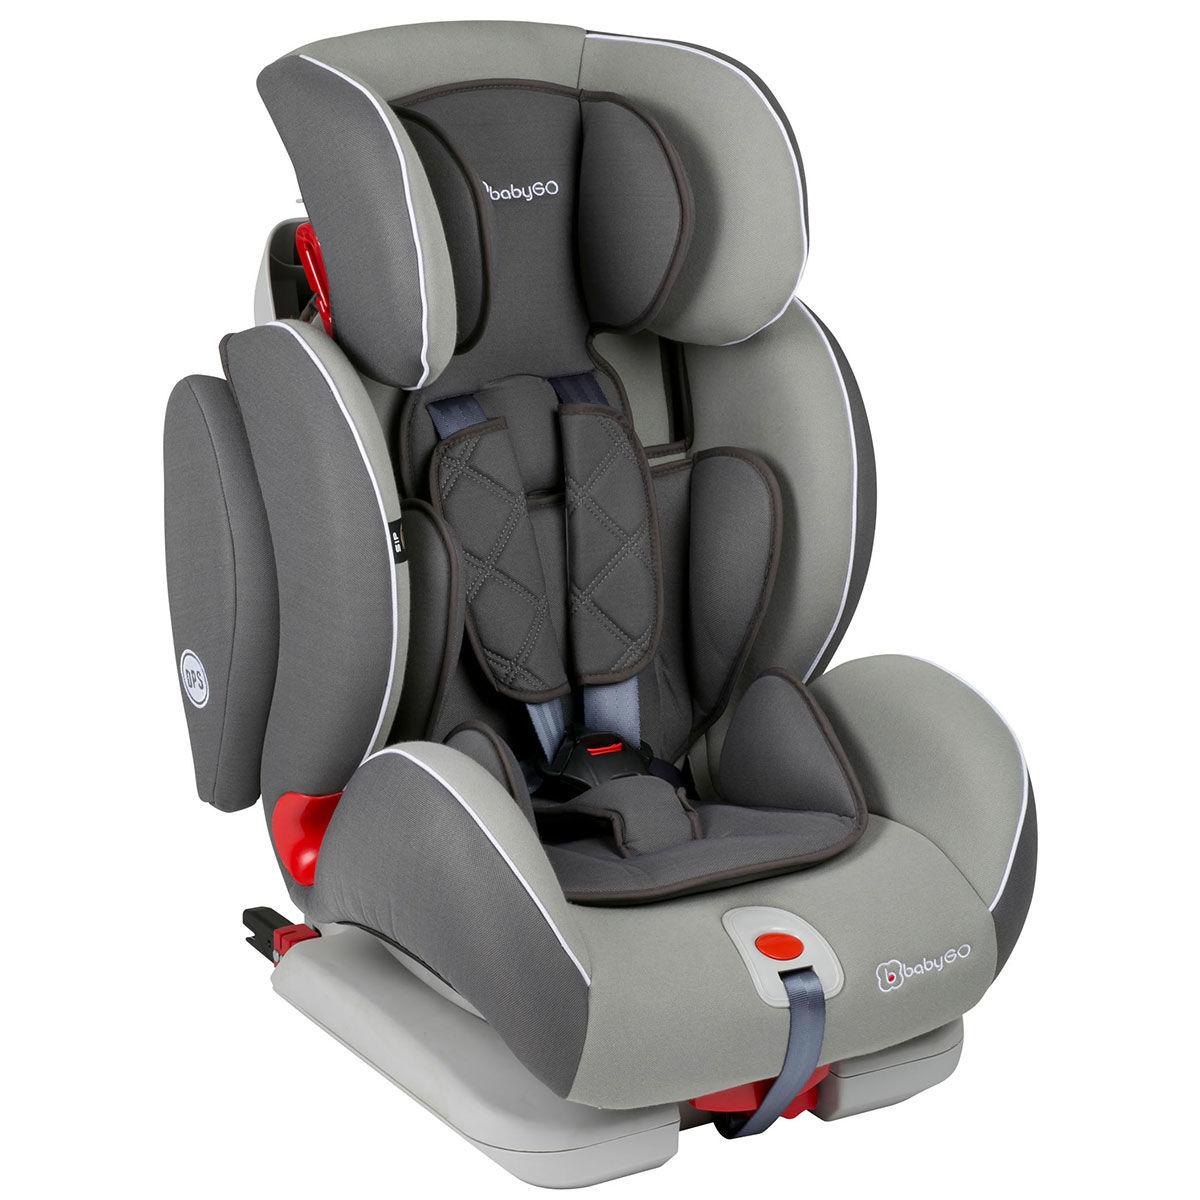 Afbeelding van Autostoel BabyGO Sira IsoFix Grijs (9-36kg)